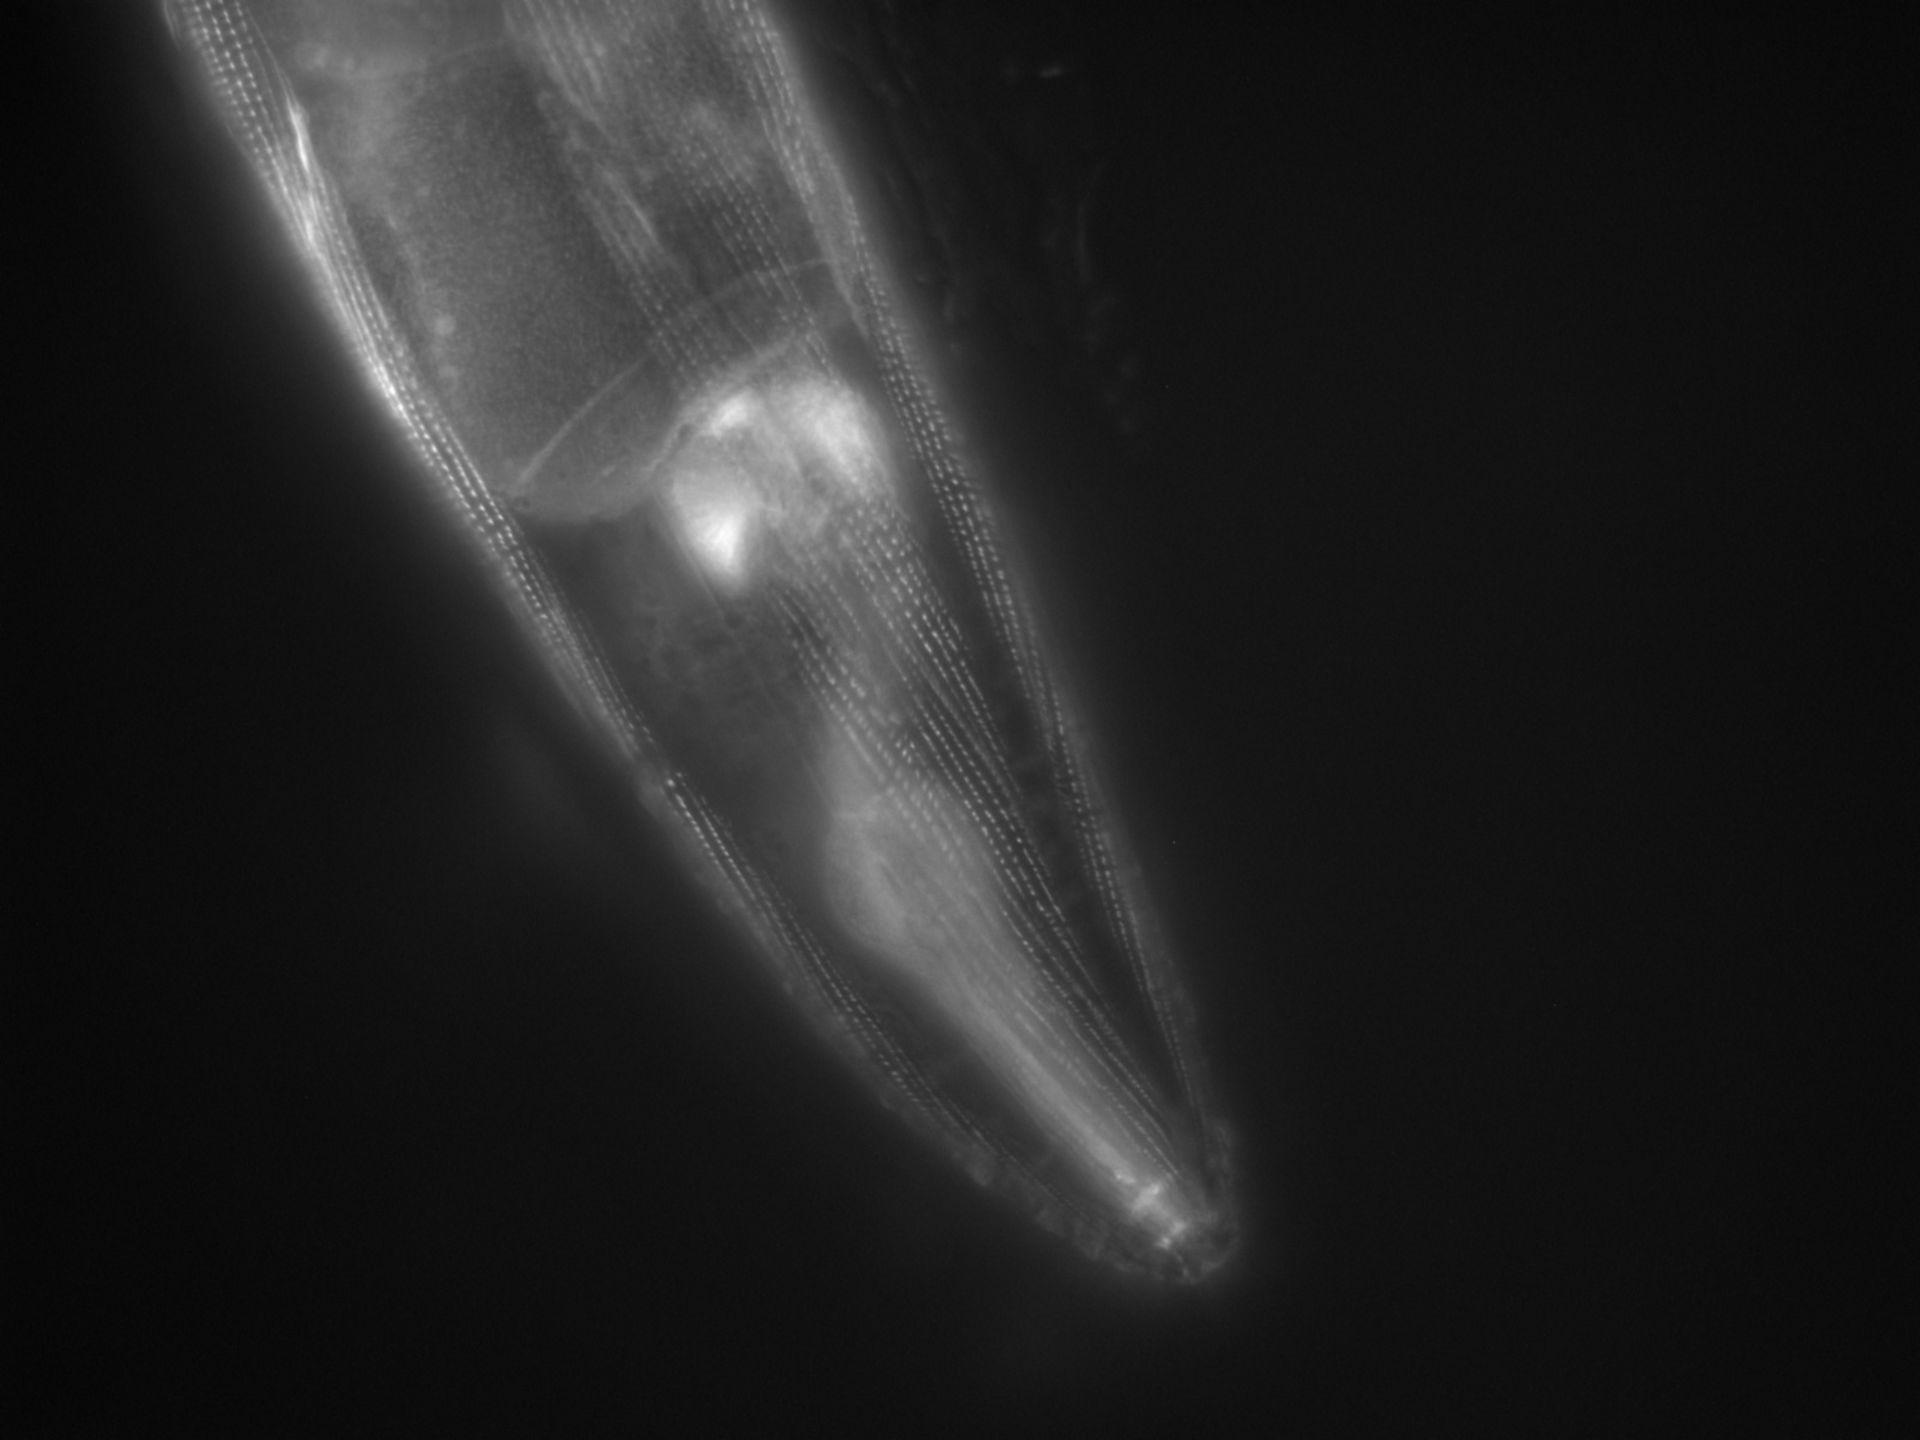 Caenorhabditis elegans (Actin filament) - CIL:1118